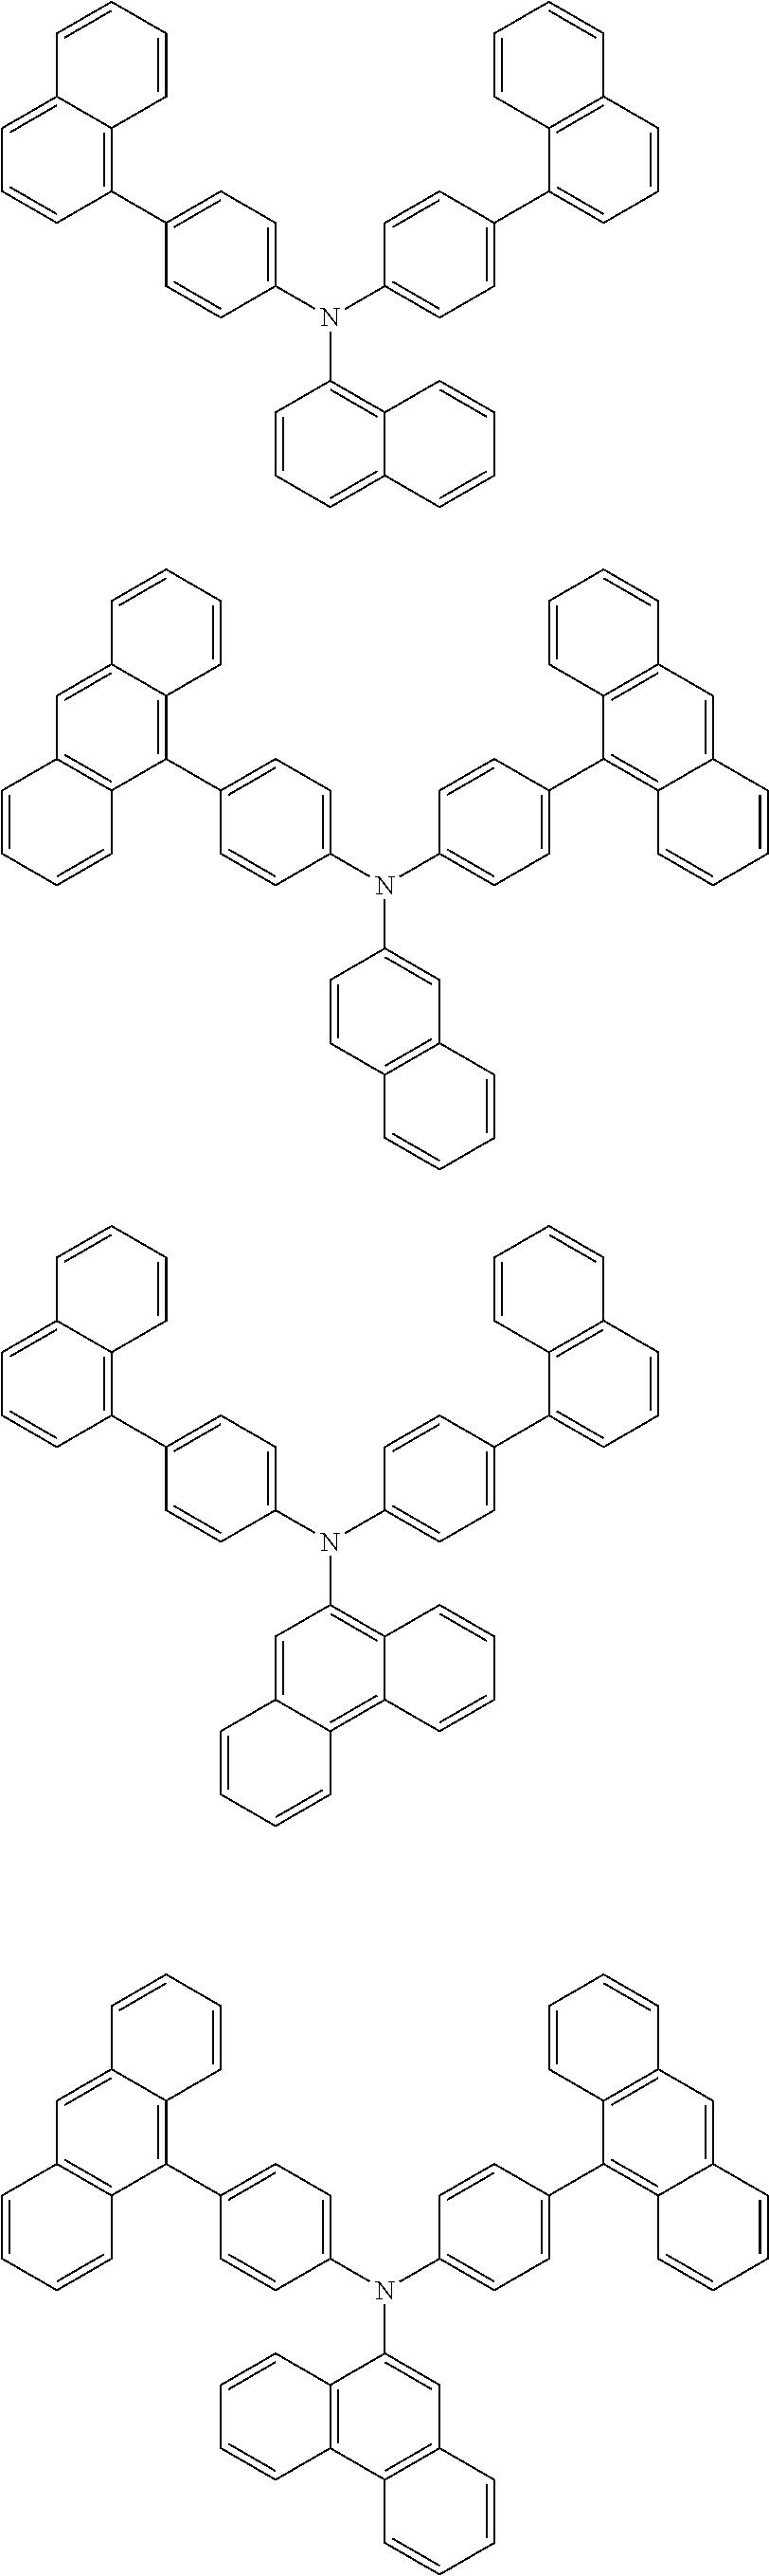 Figure US09837615-20171205-C00131